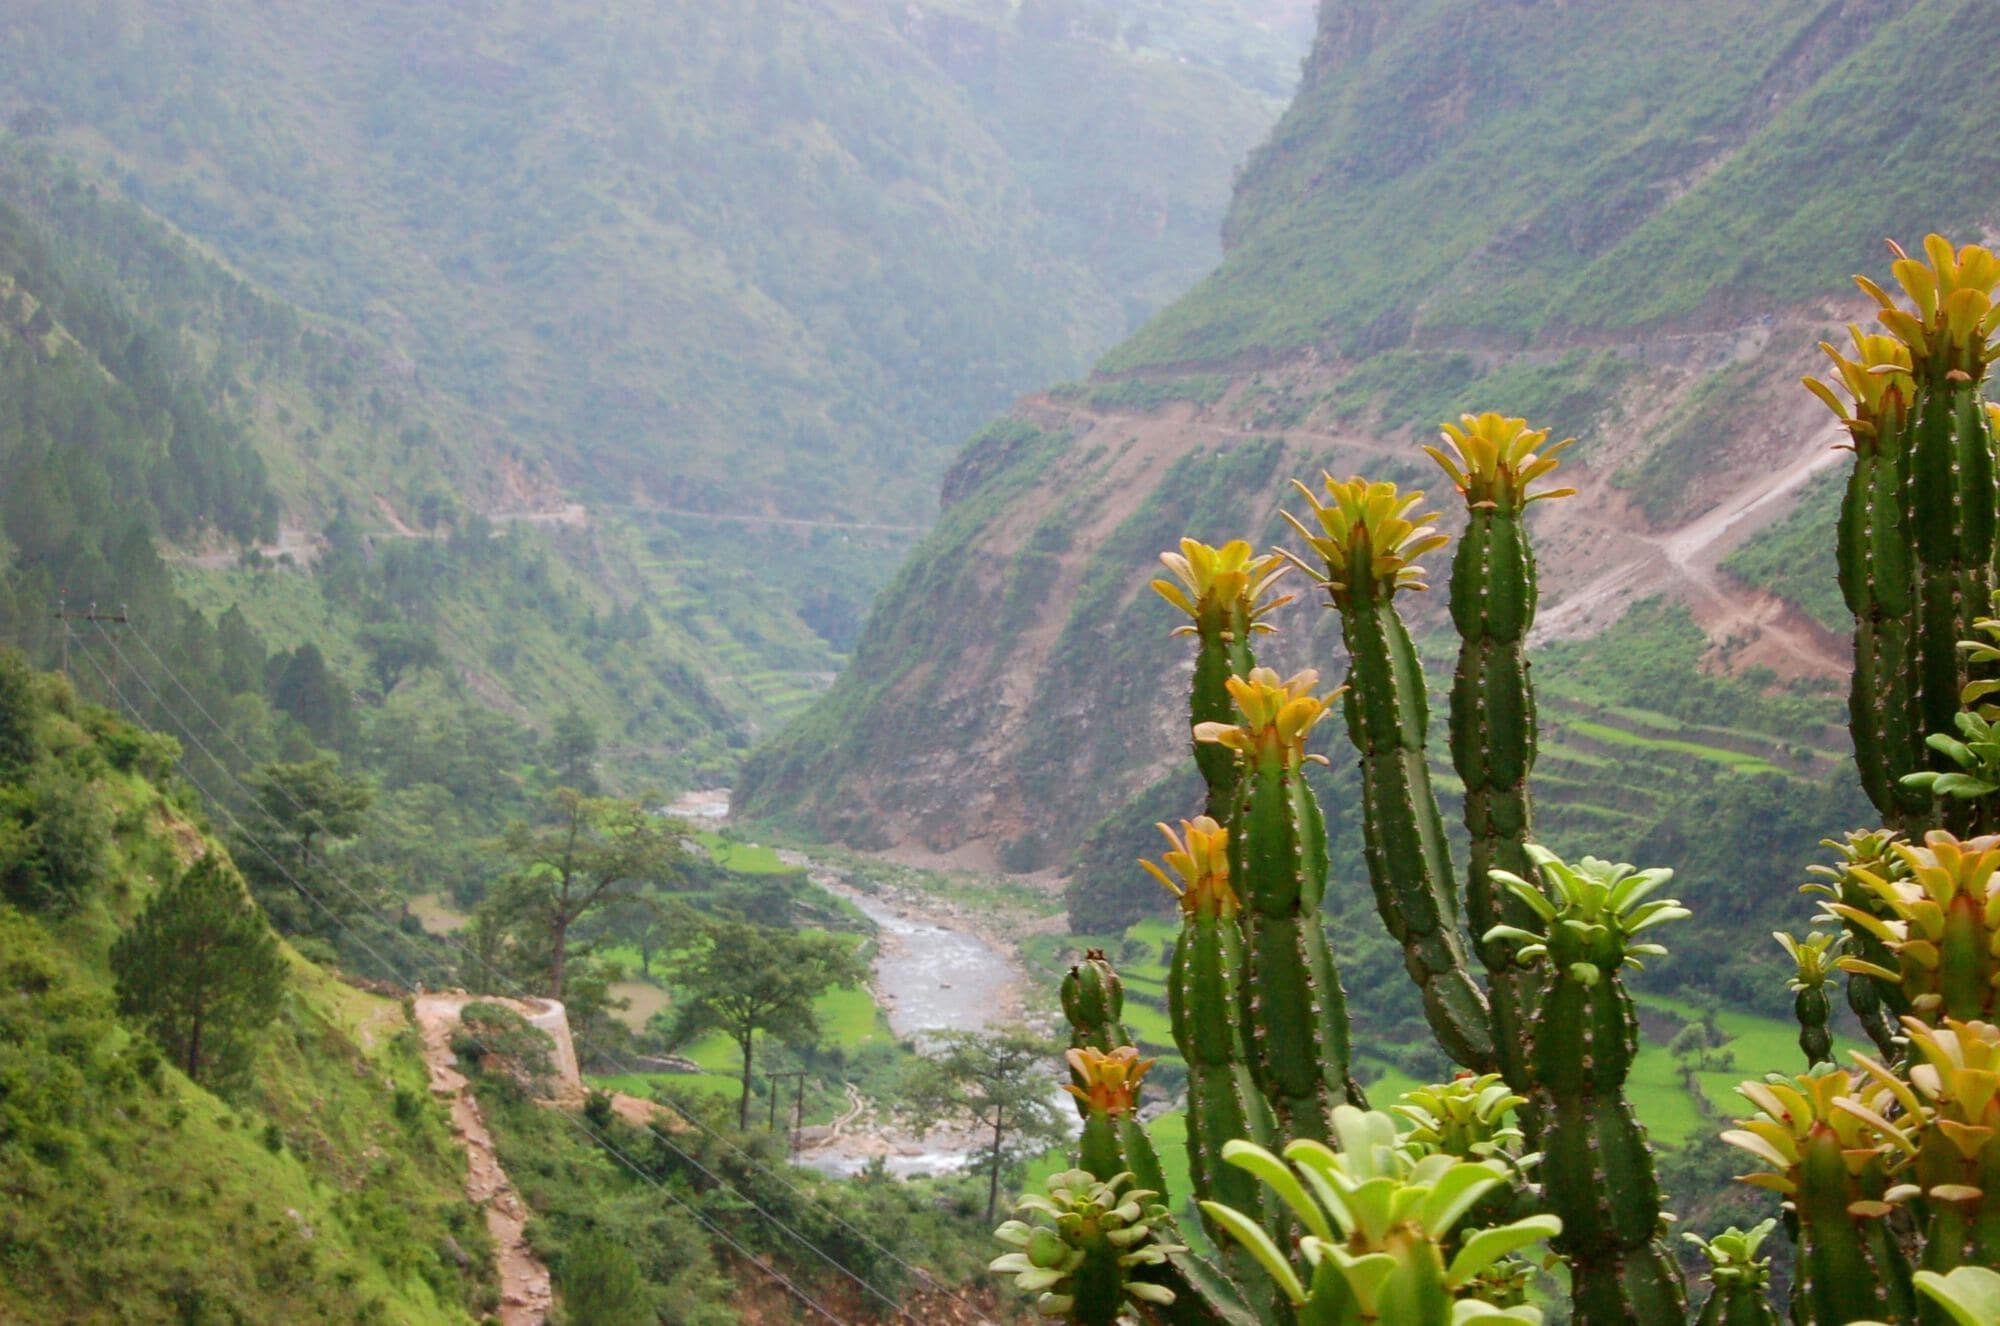 Garwhal, la vallée des fleurs, Inde